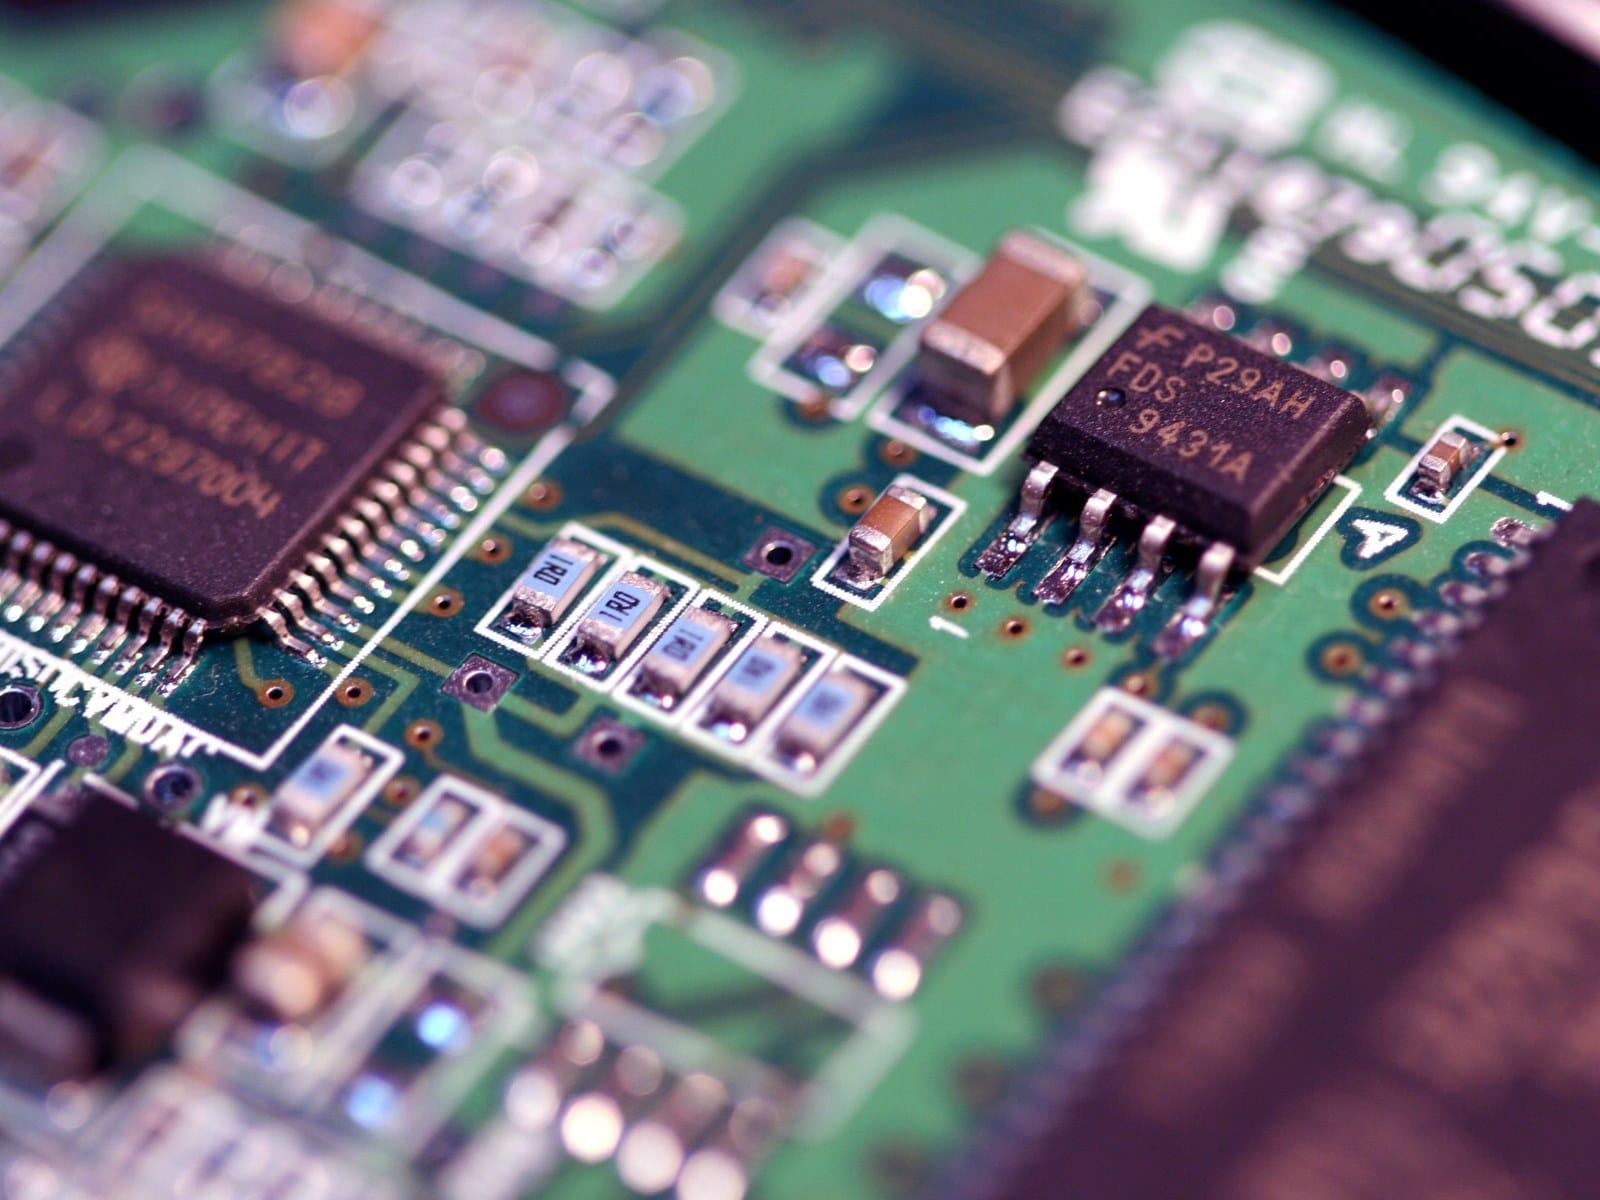 Sourcingmap/ /Suspensi/ón para negro de compresi/ón de alambre de 1,2/mm de di/ámetro exterior de 18/mm de di/ámetro 50/mm de largo 20PCS